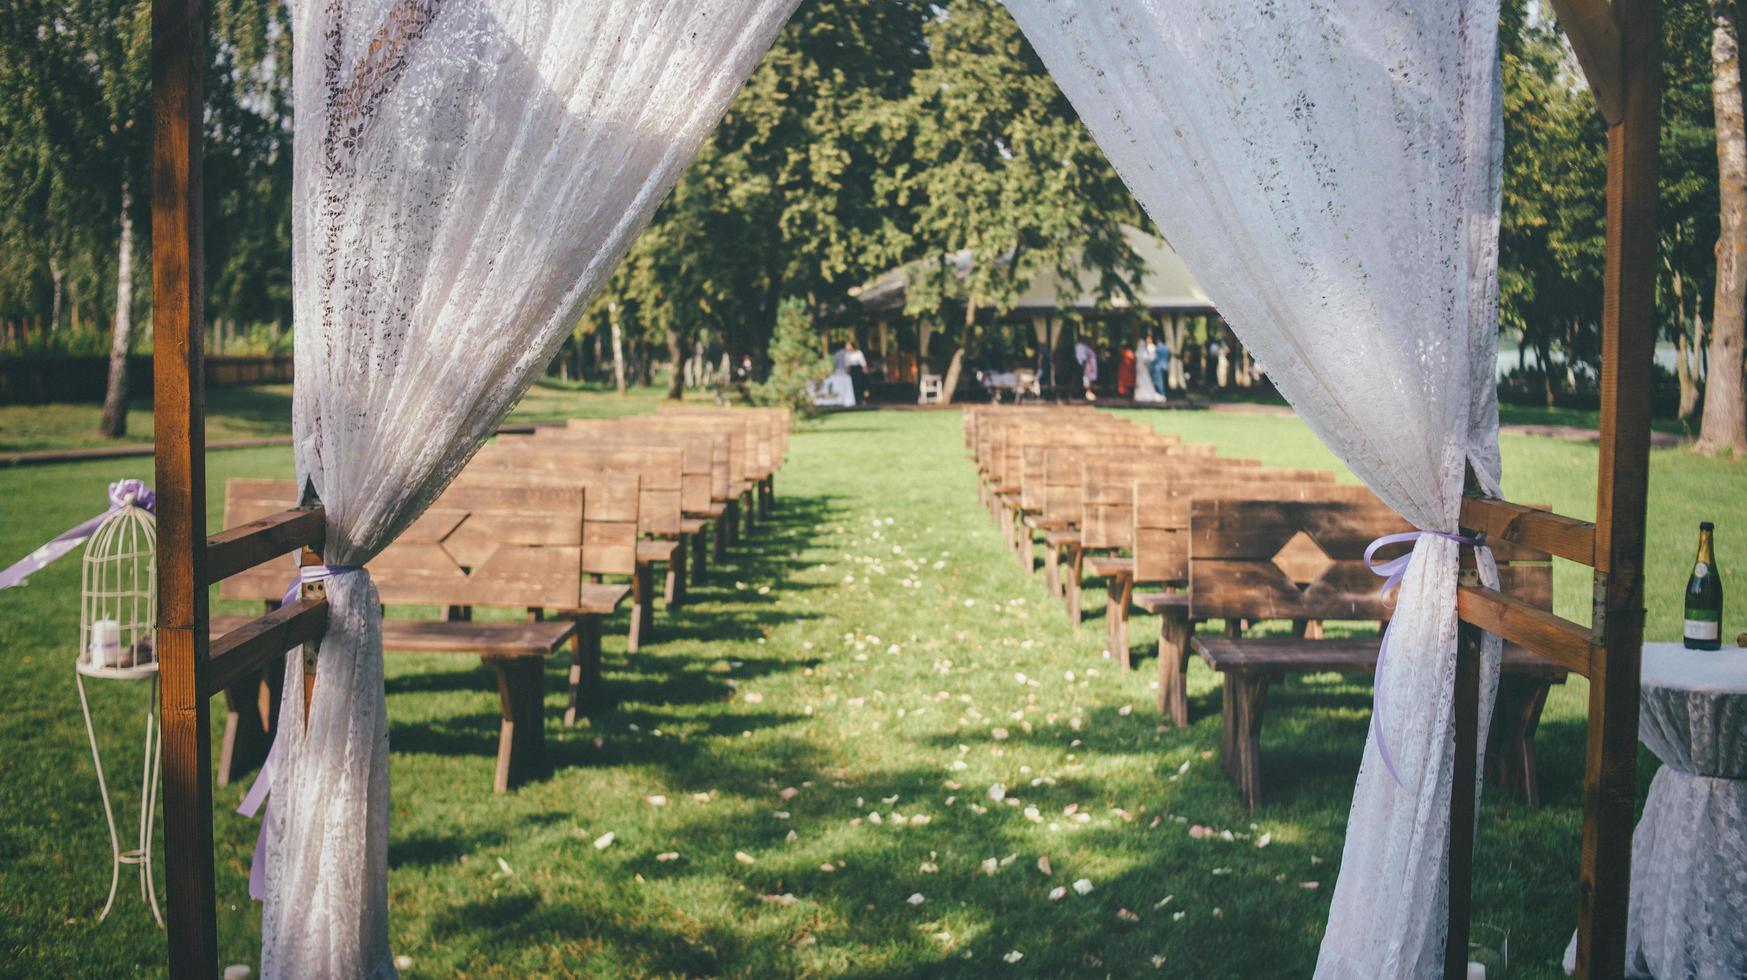 arco de boda con banquete de boda en el fondo foto